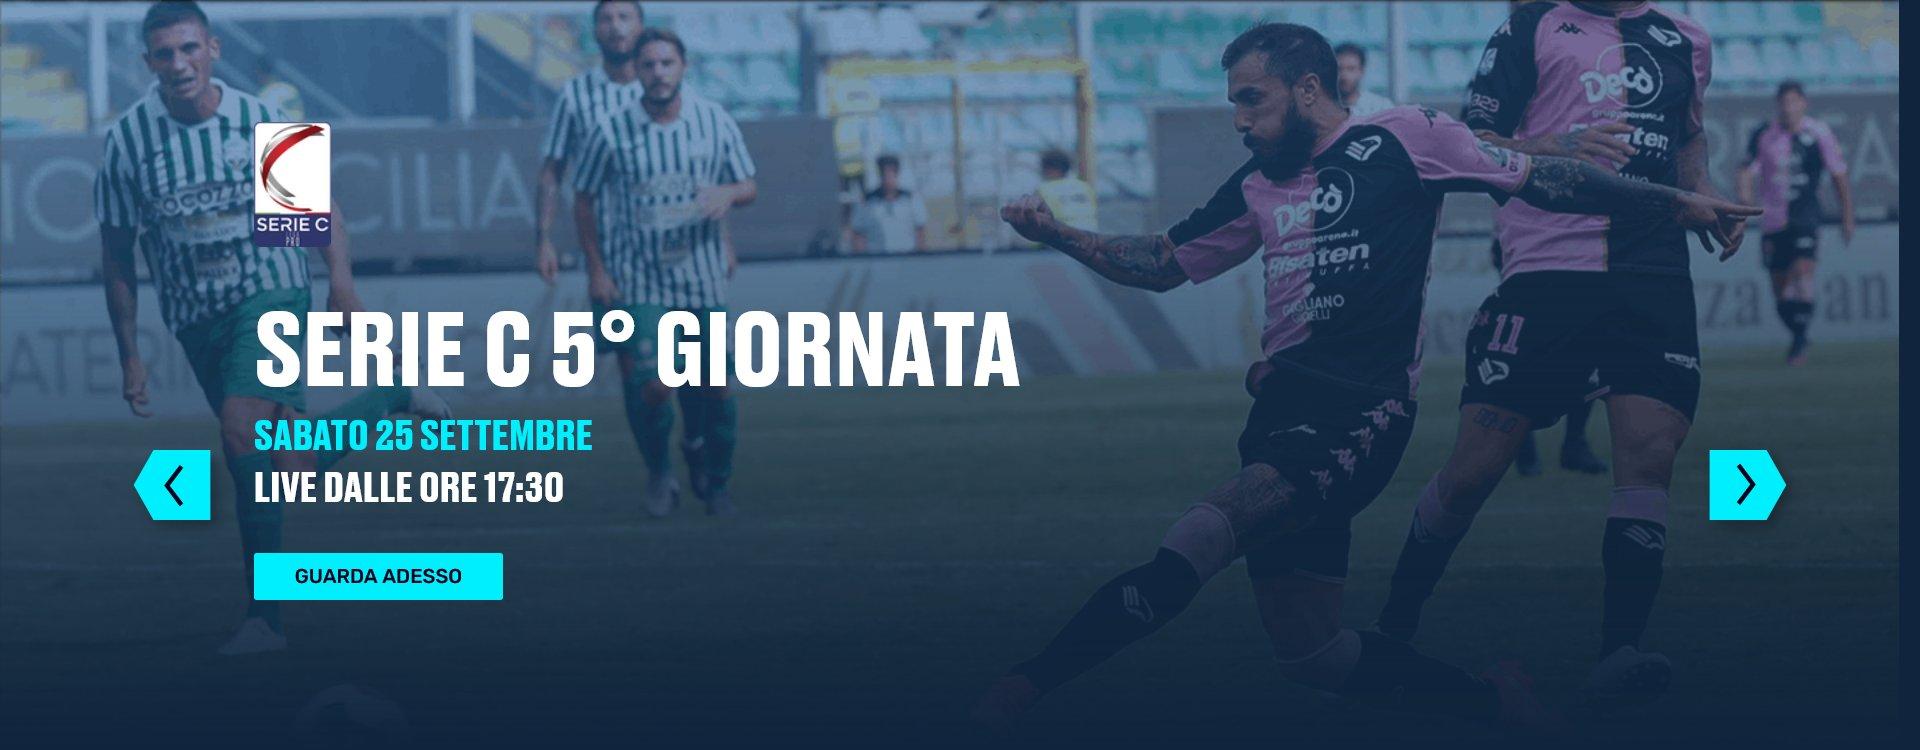 Lega Pro Eleven Sports, 5a Giornata - Programma e Telecronisti Serie C